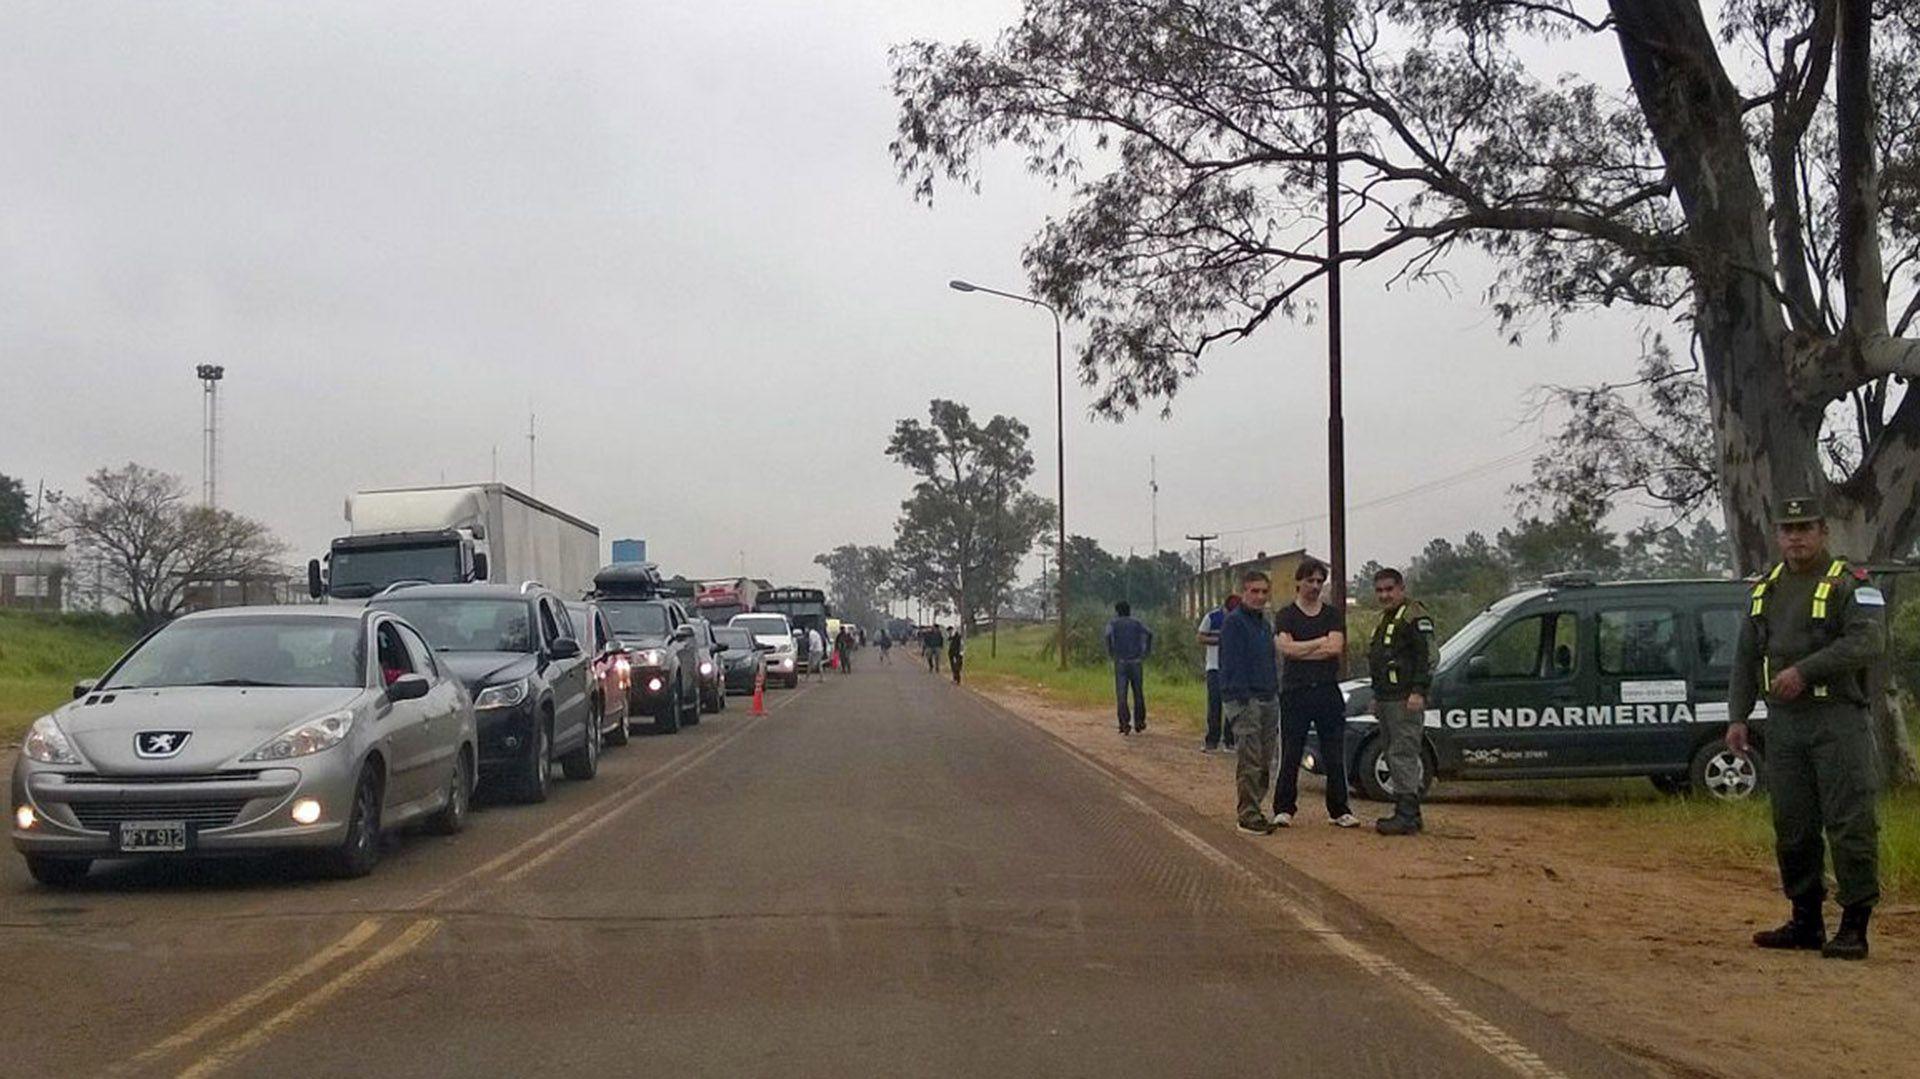 Largas filas se solían ver pre pandemia en el paso de Uruguaiana, en la frontera entre Argentina y Brasil (NA)